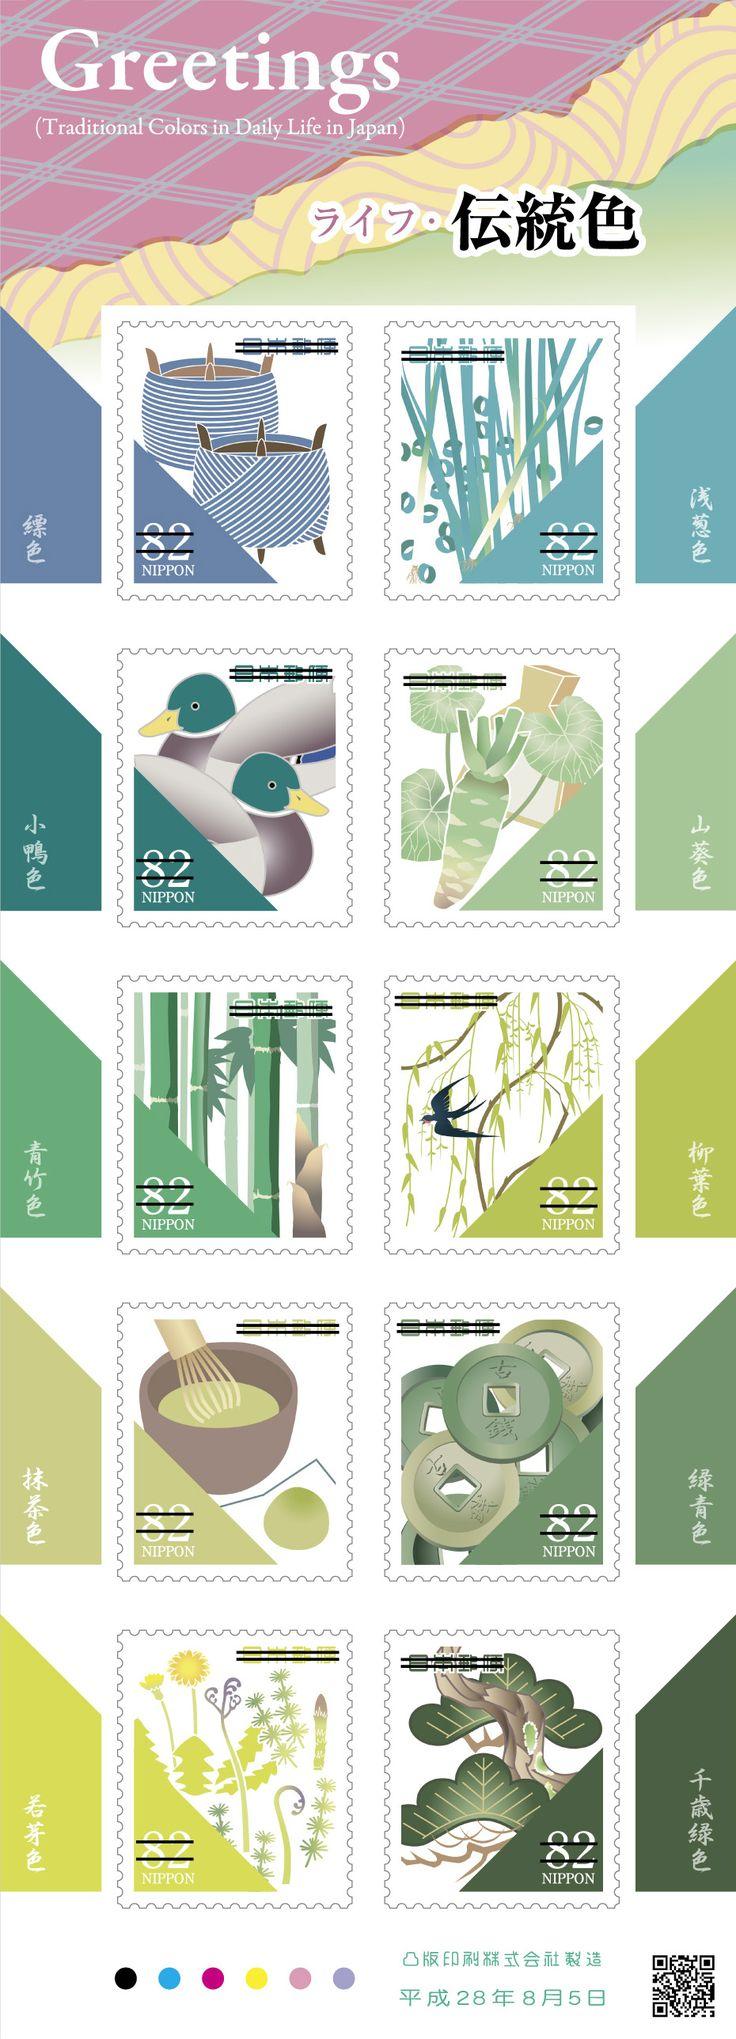 82円郵便切手:グリーティング(ライフ・伝統色)